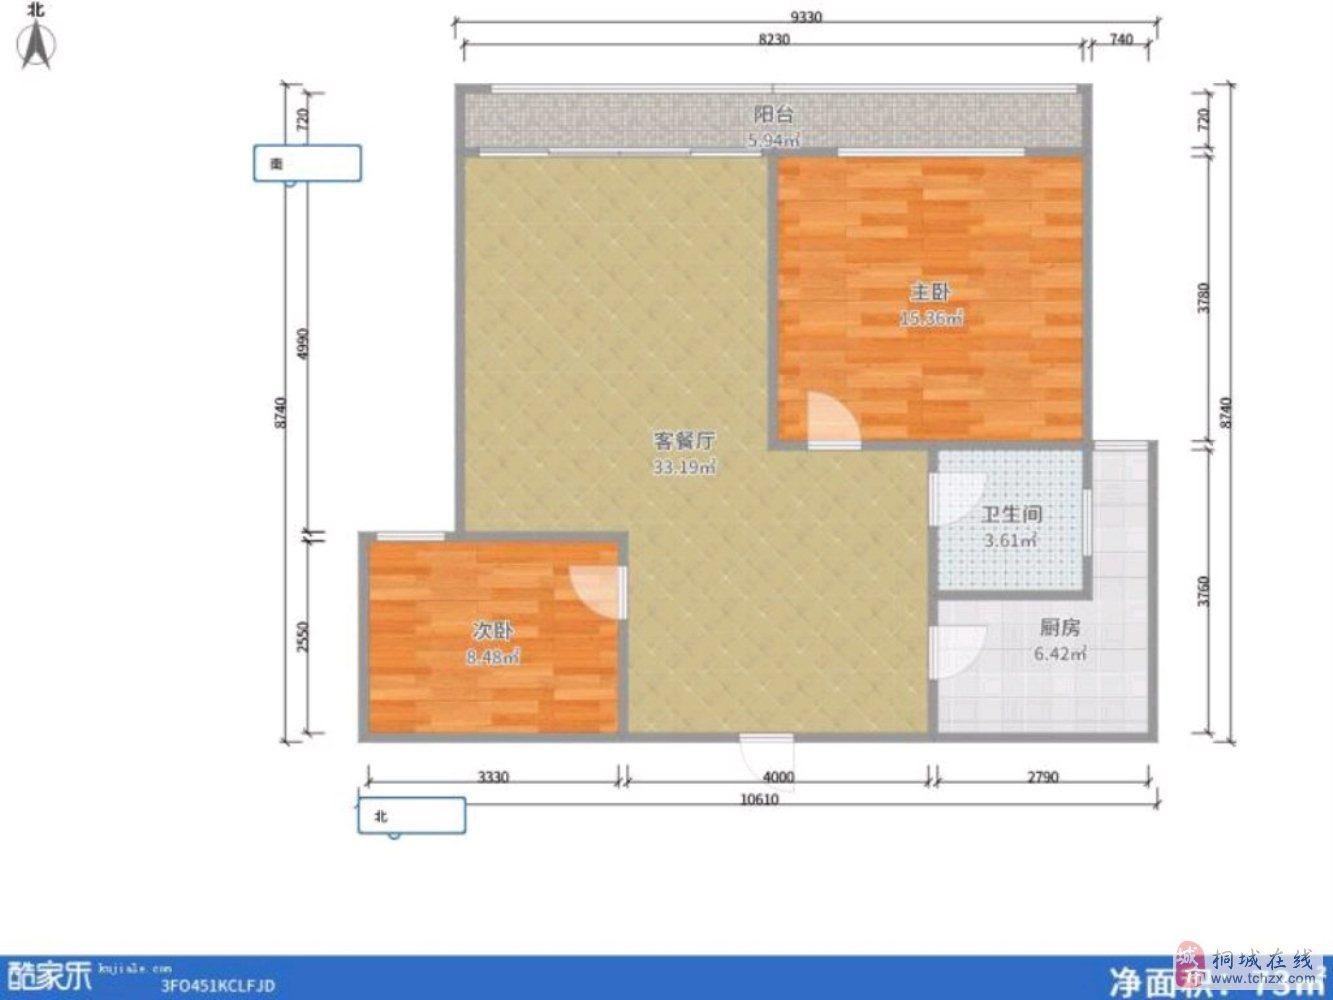 惜售山水龙城电梯洋房精装修两室双阳台拎包入住